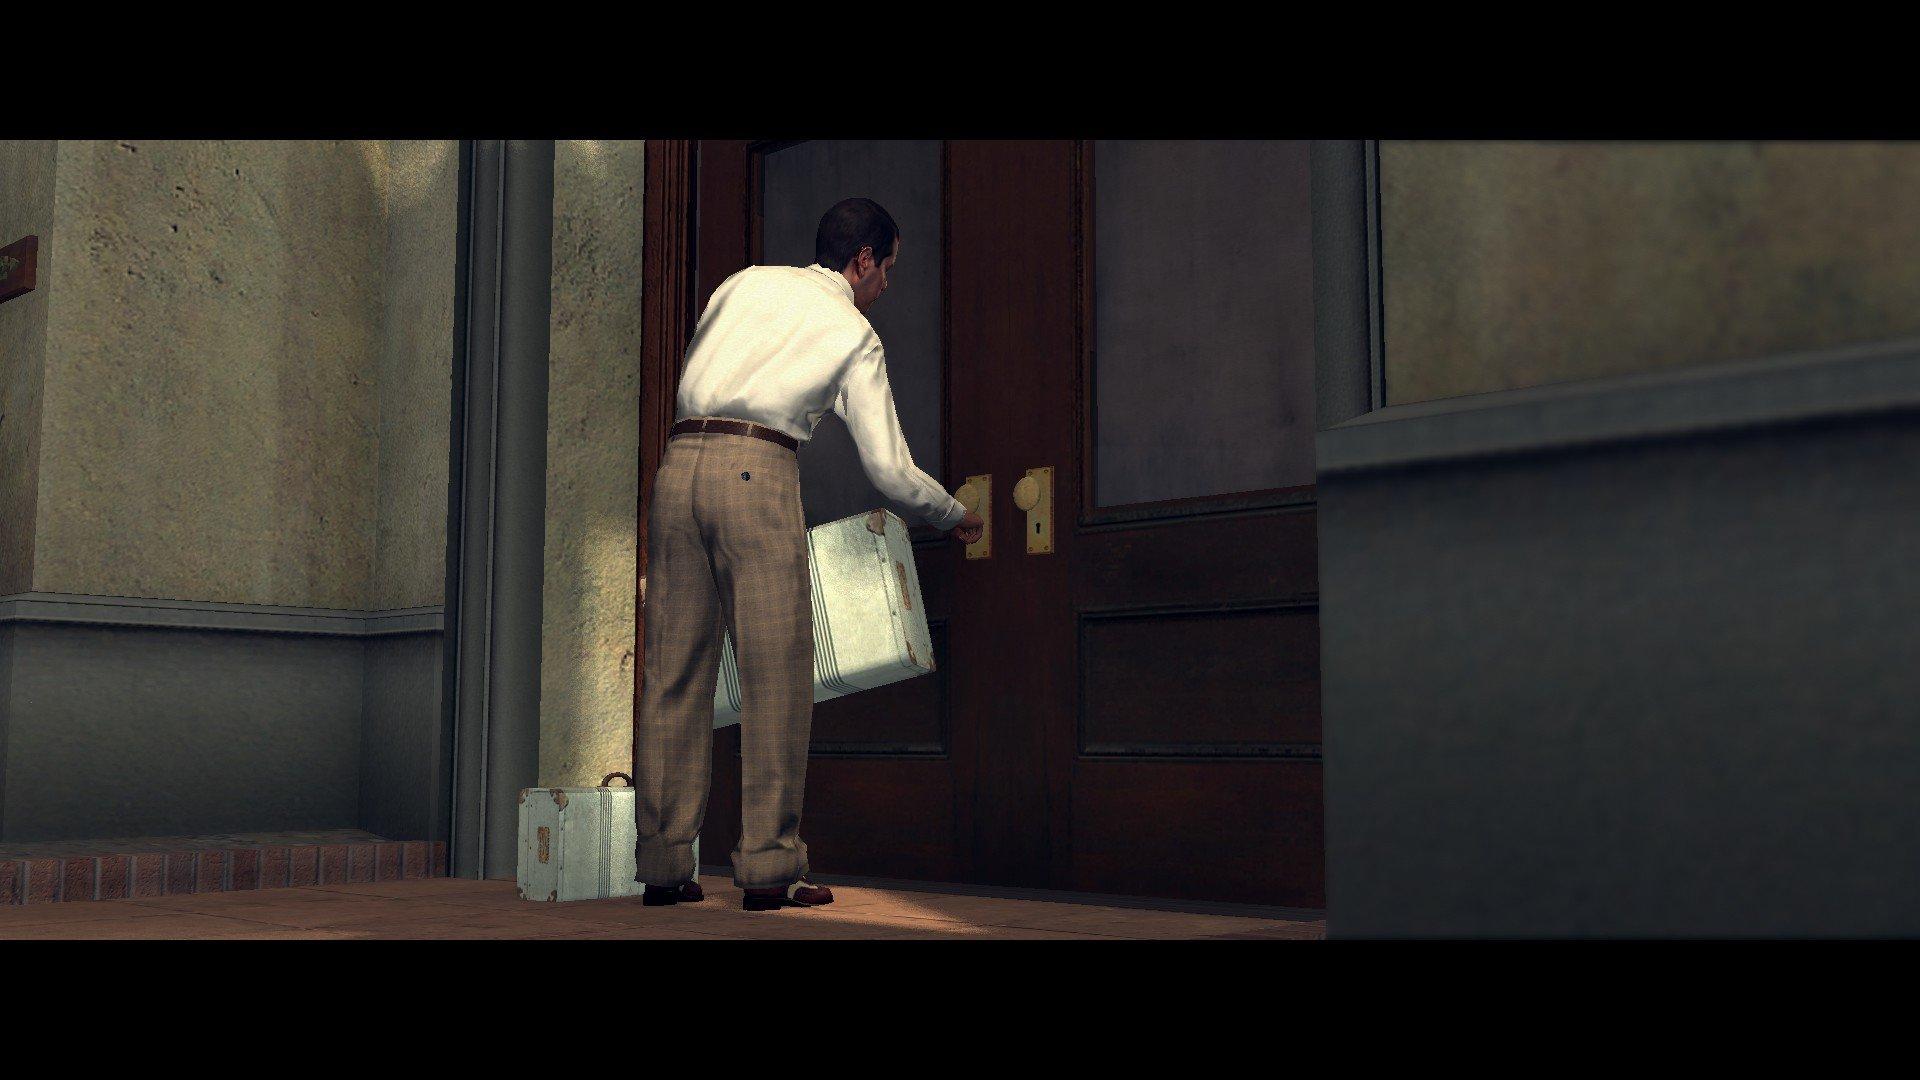 Пост-прохождение L.A. Noire Часть 4 - Изображение 39